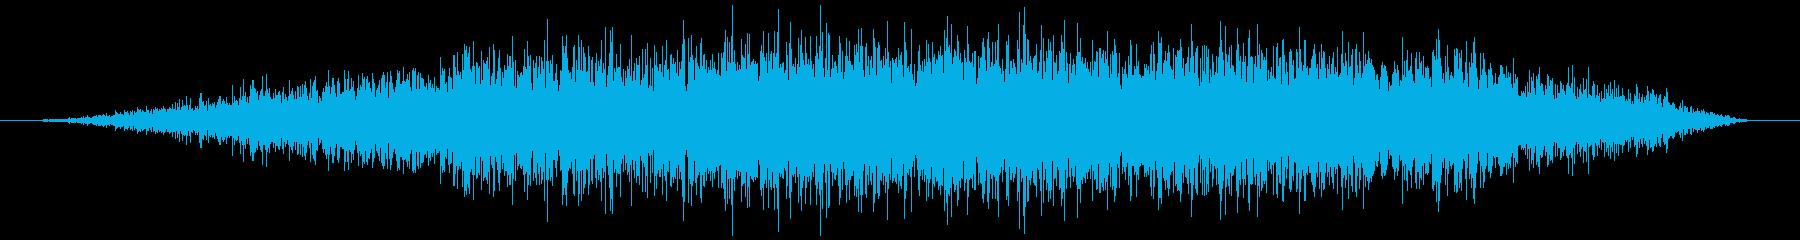 空気を入れる(抜く等)ヒュゥゥの再生済みの波形